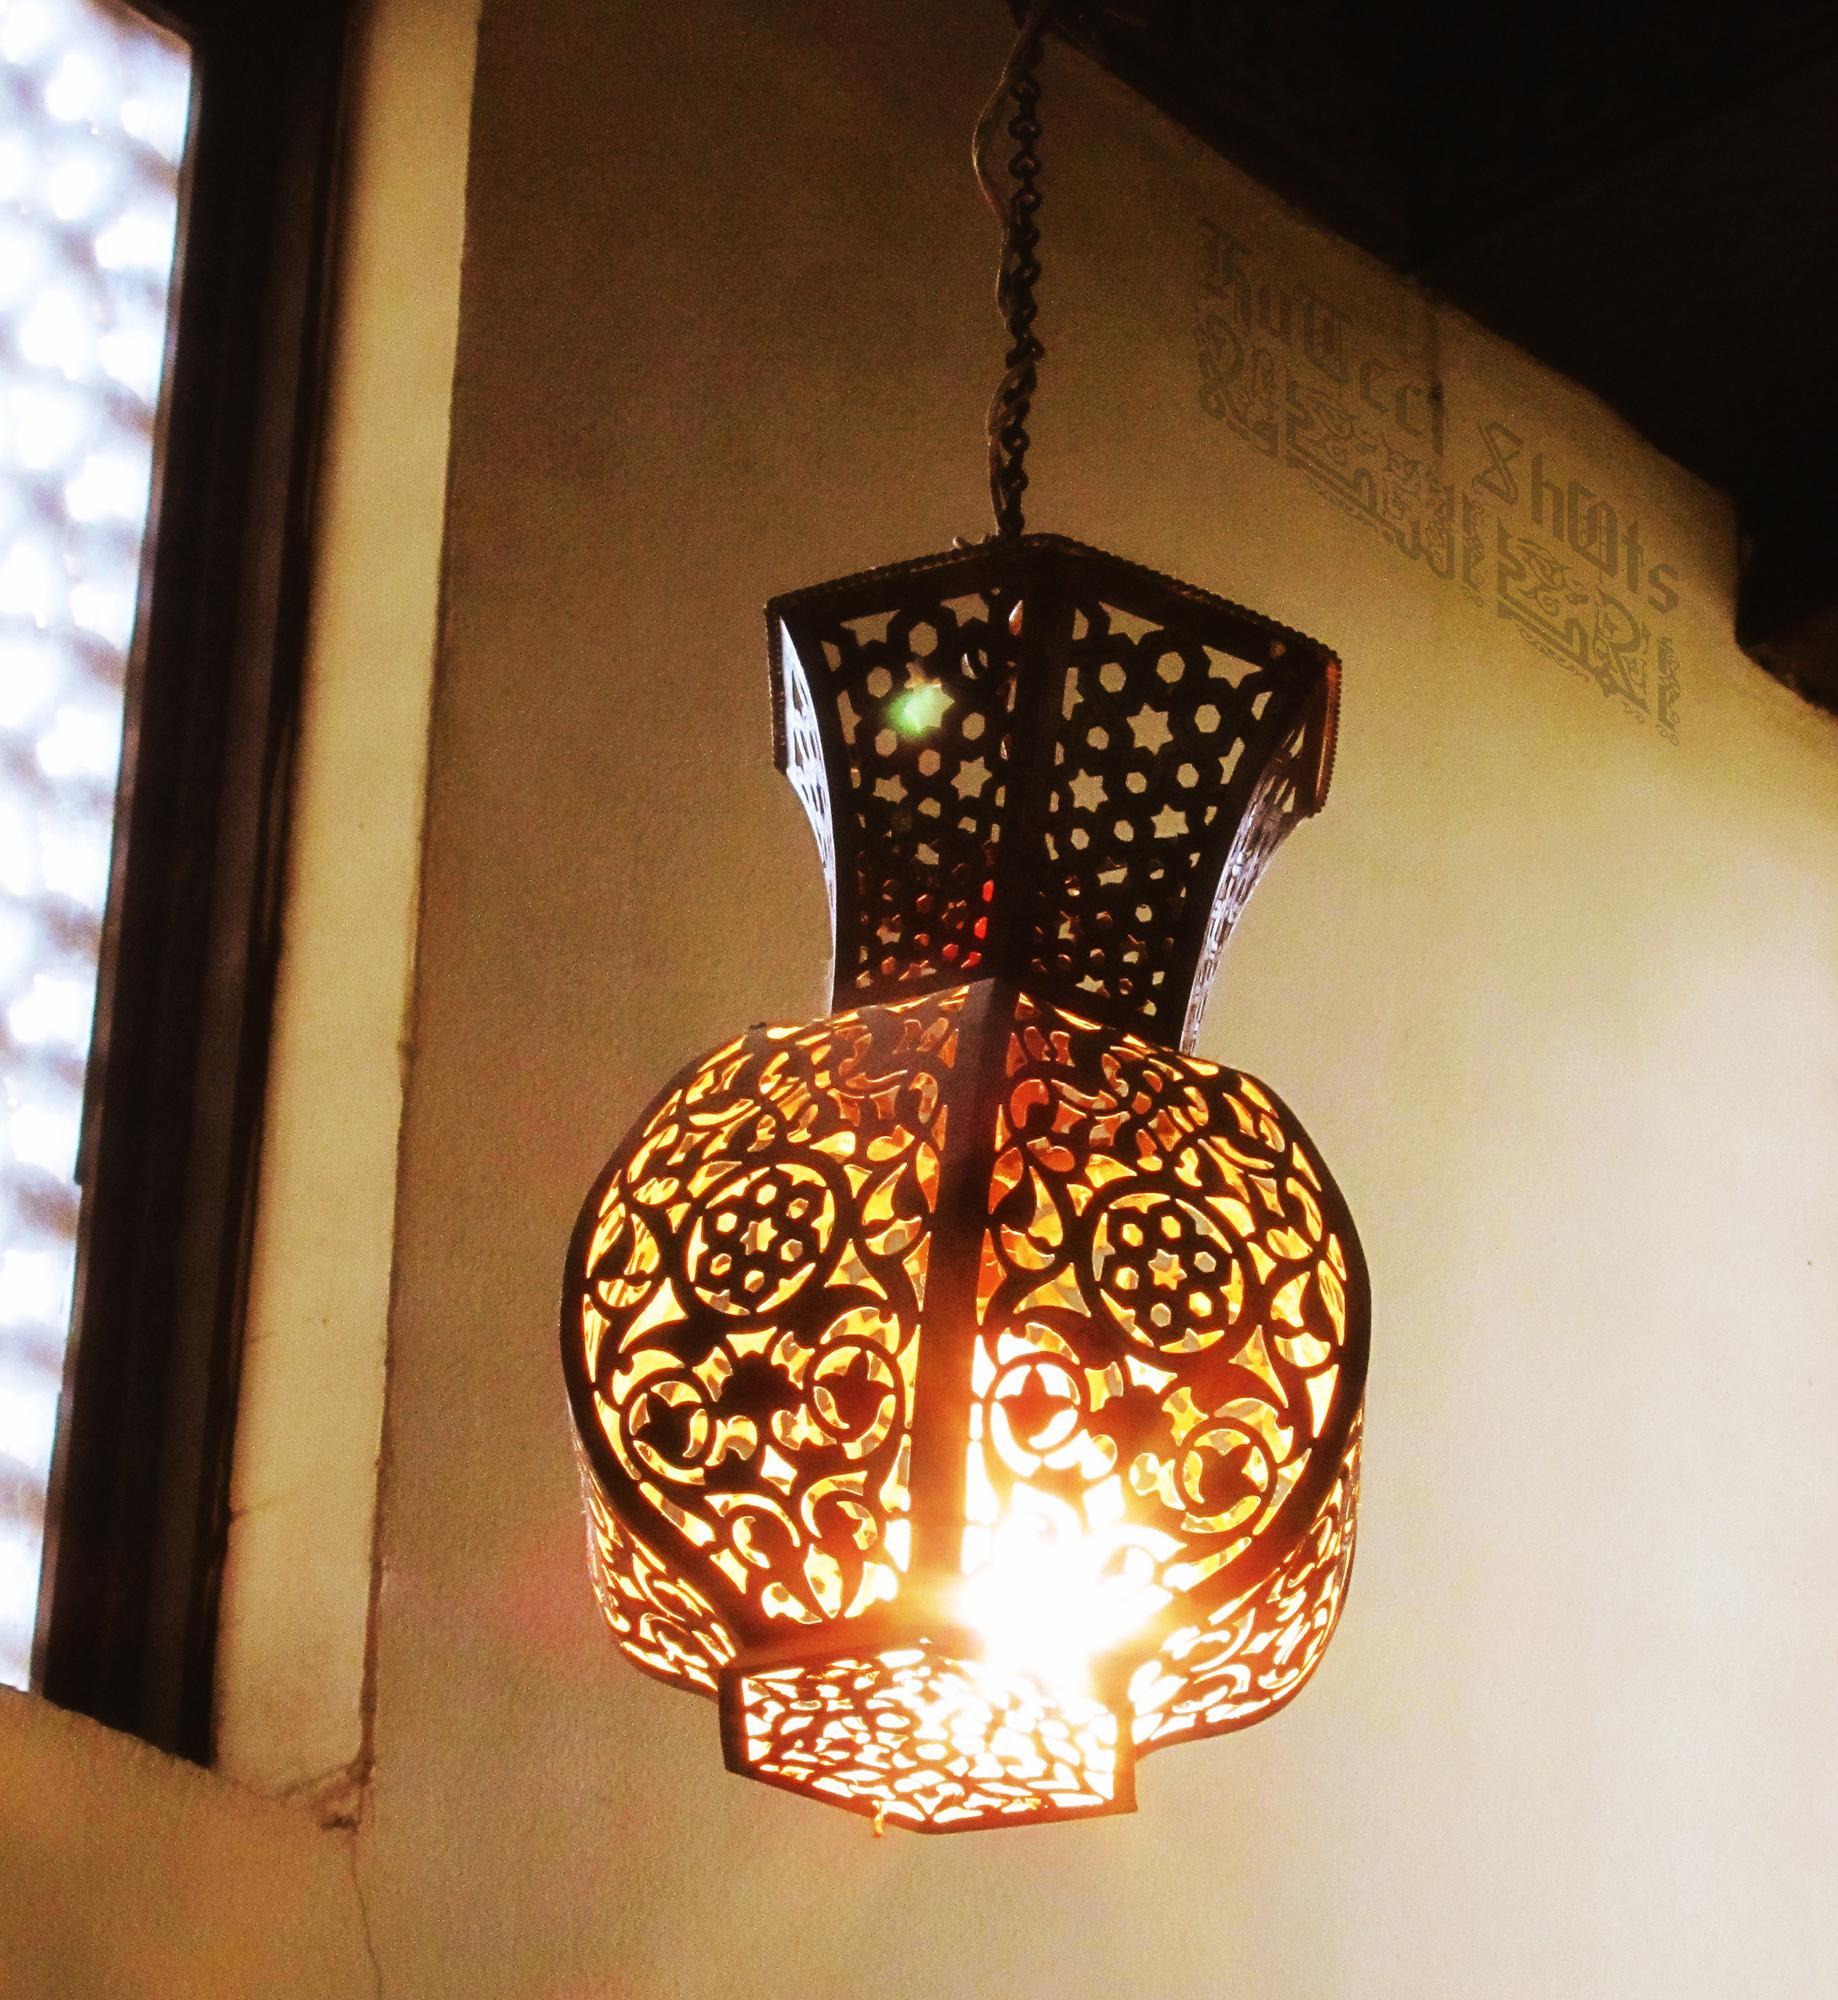 Fileflickr hutect shots lighting unit al keretlia house gayer anderson museum بيت الكريتلية متحف